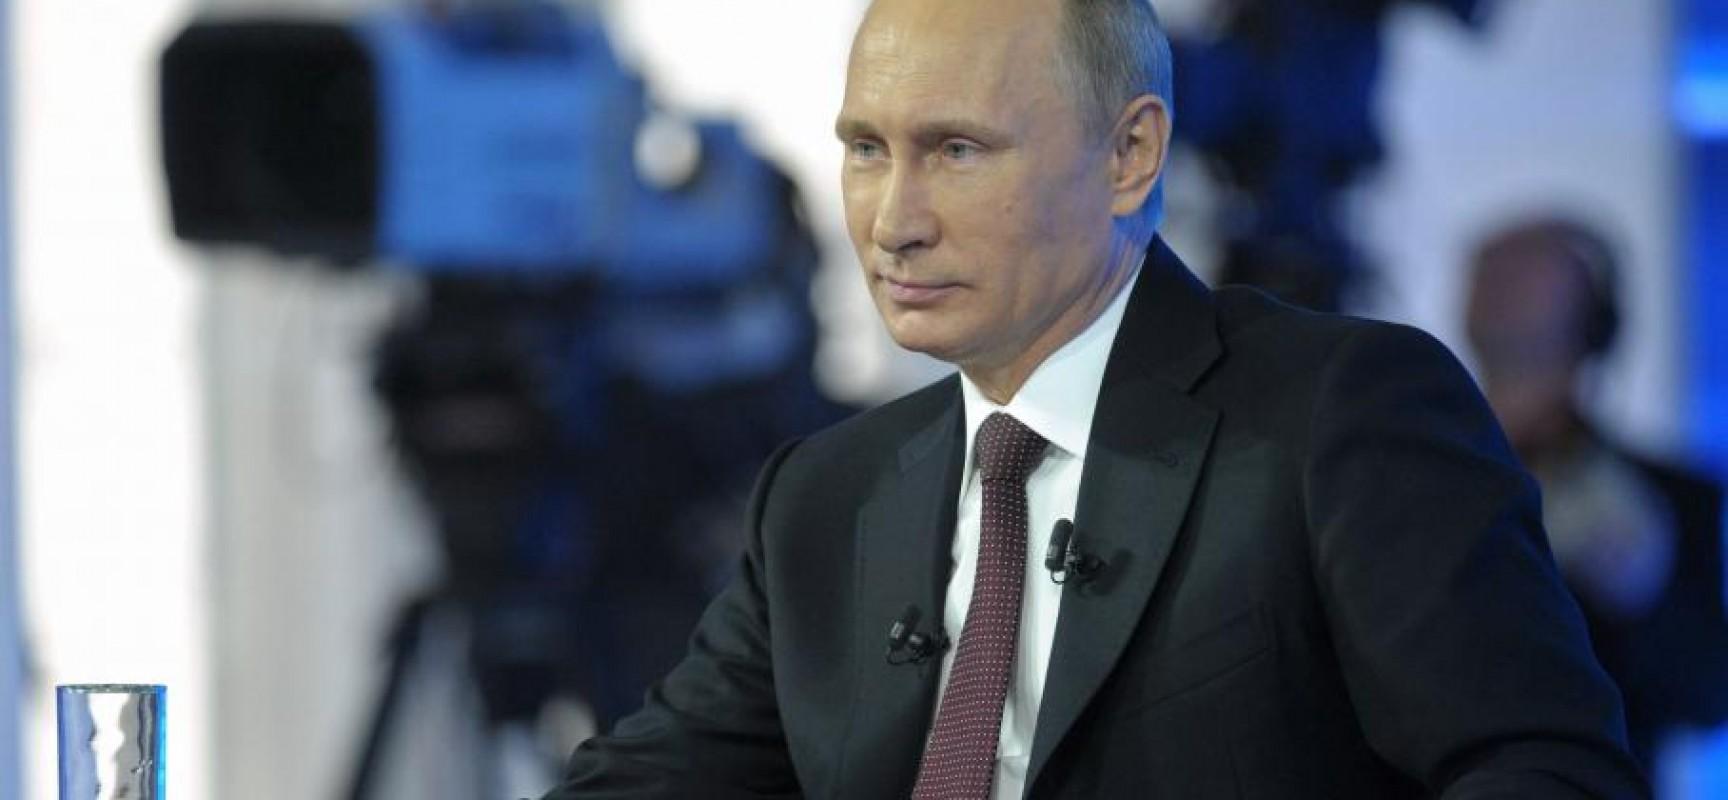 monde - La crise ukrainienne accélère la fin d'un monde unipolaire... 3795465-1728x800_c